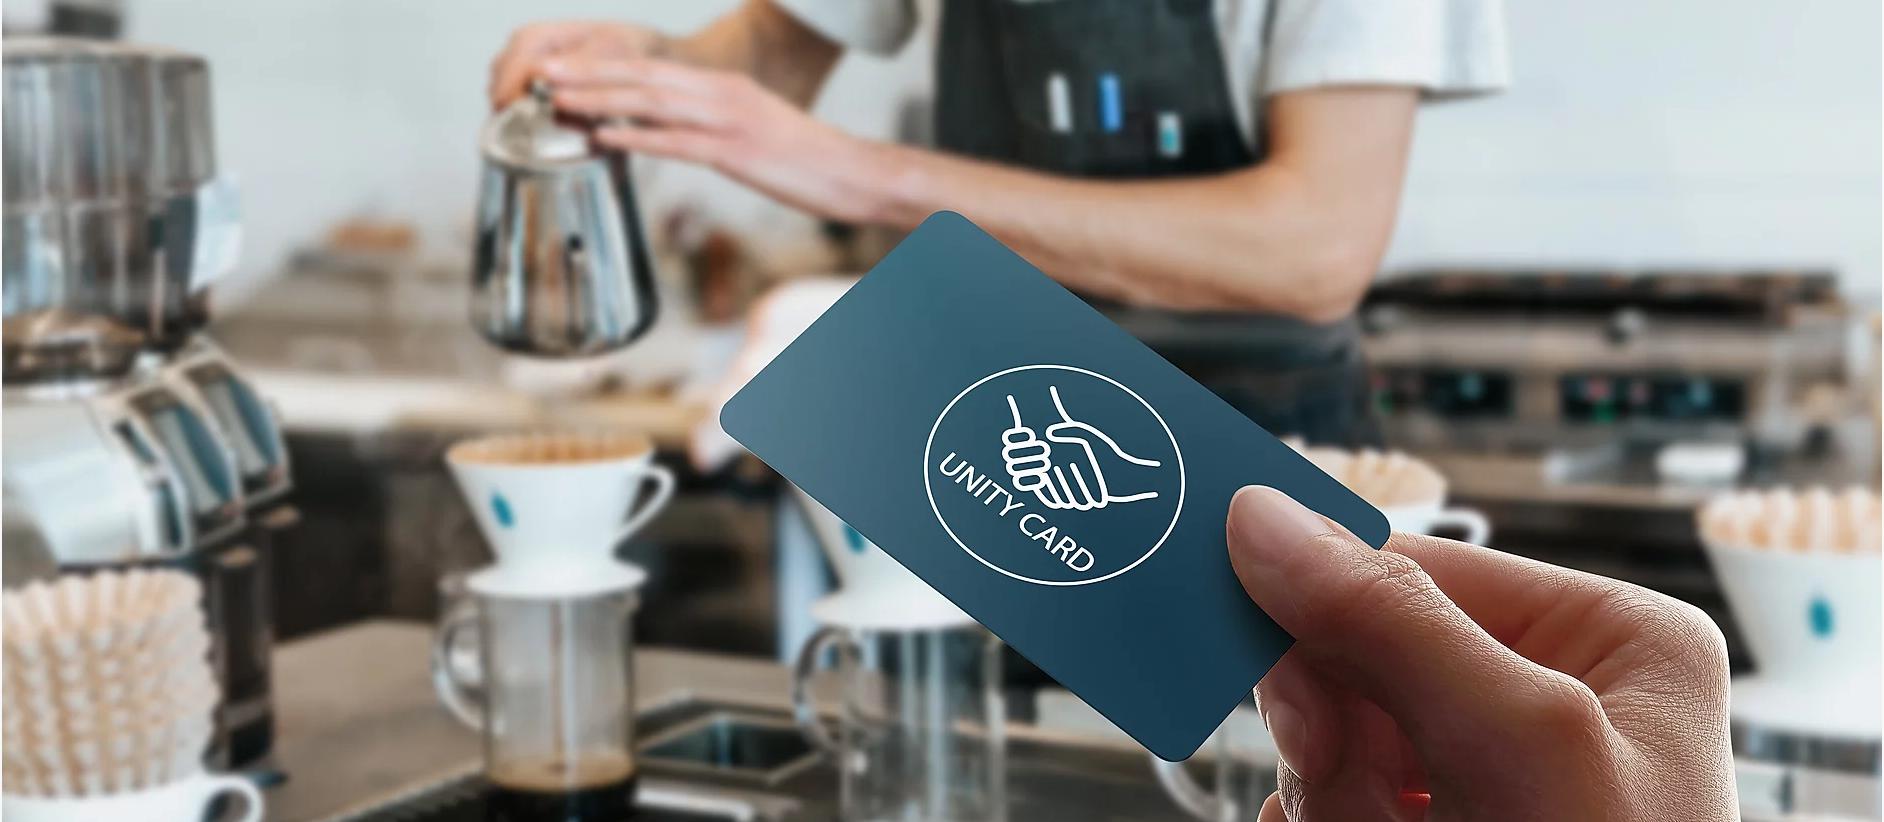 Unity Card potrebbe aiutarci con la ripresa economica post COVID-19 thumbnail